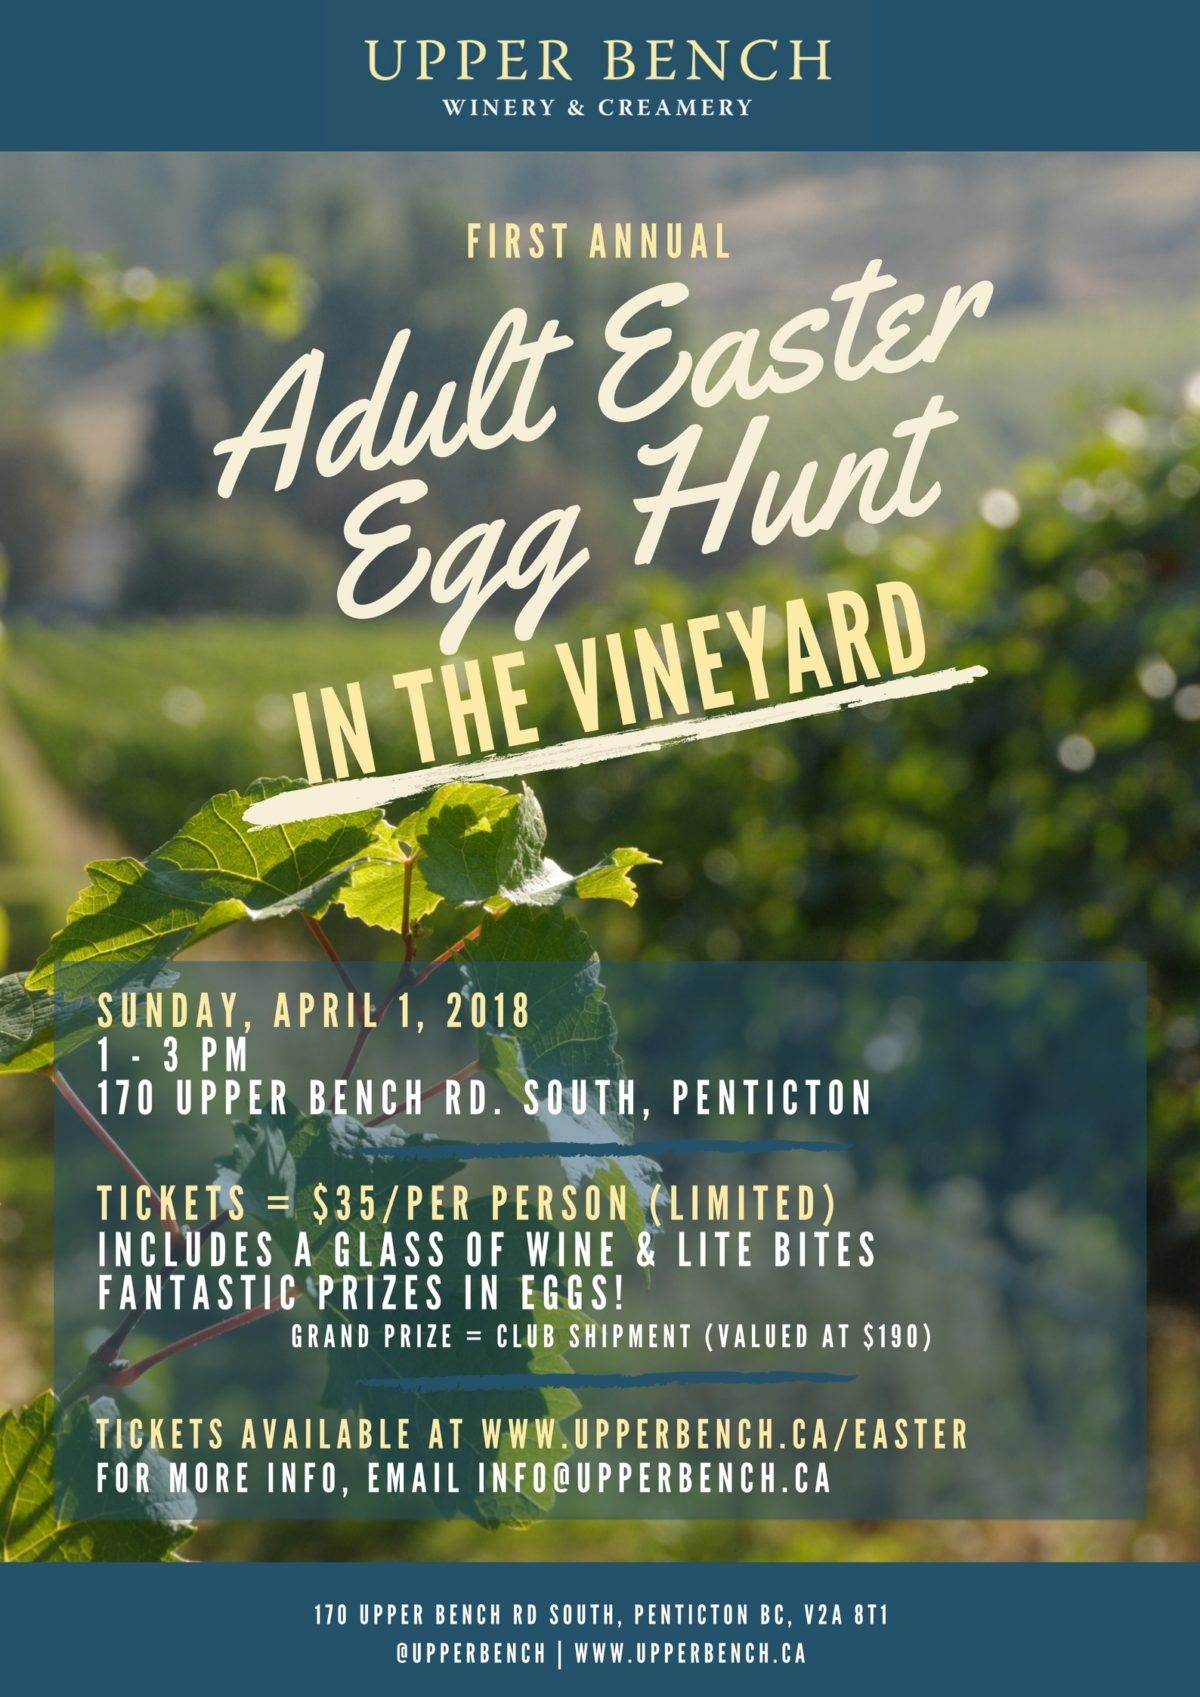 Adult Easter Egg Hunt Upper Bench Estate Winery